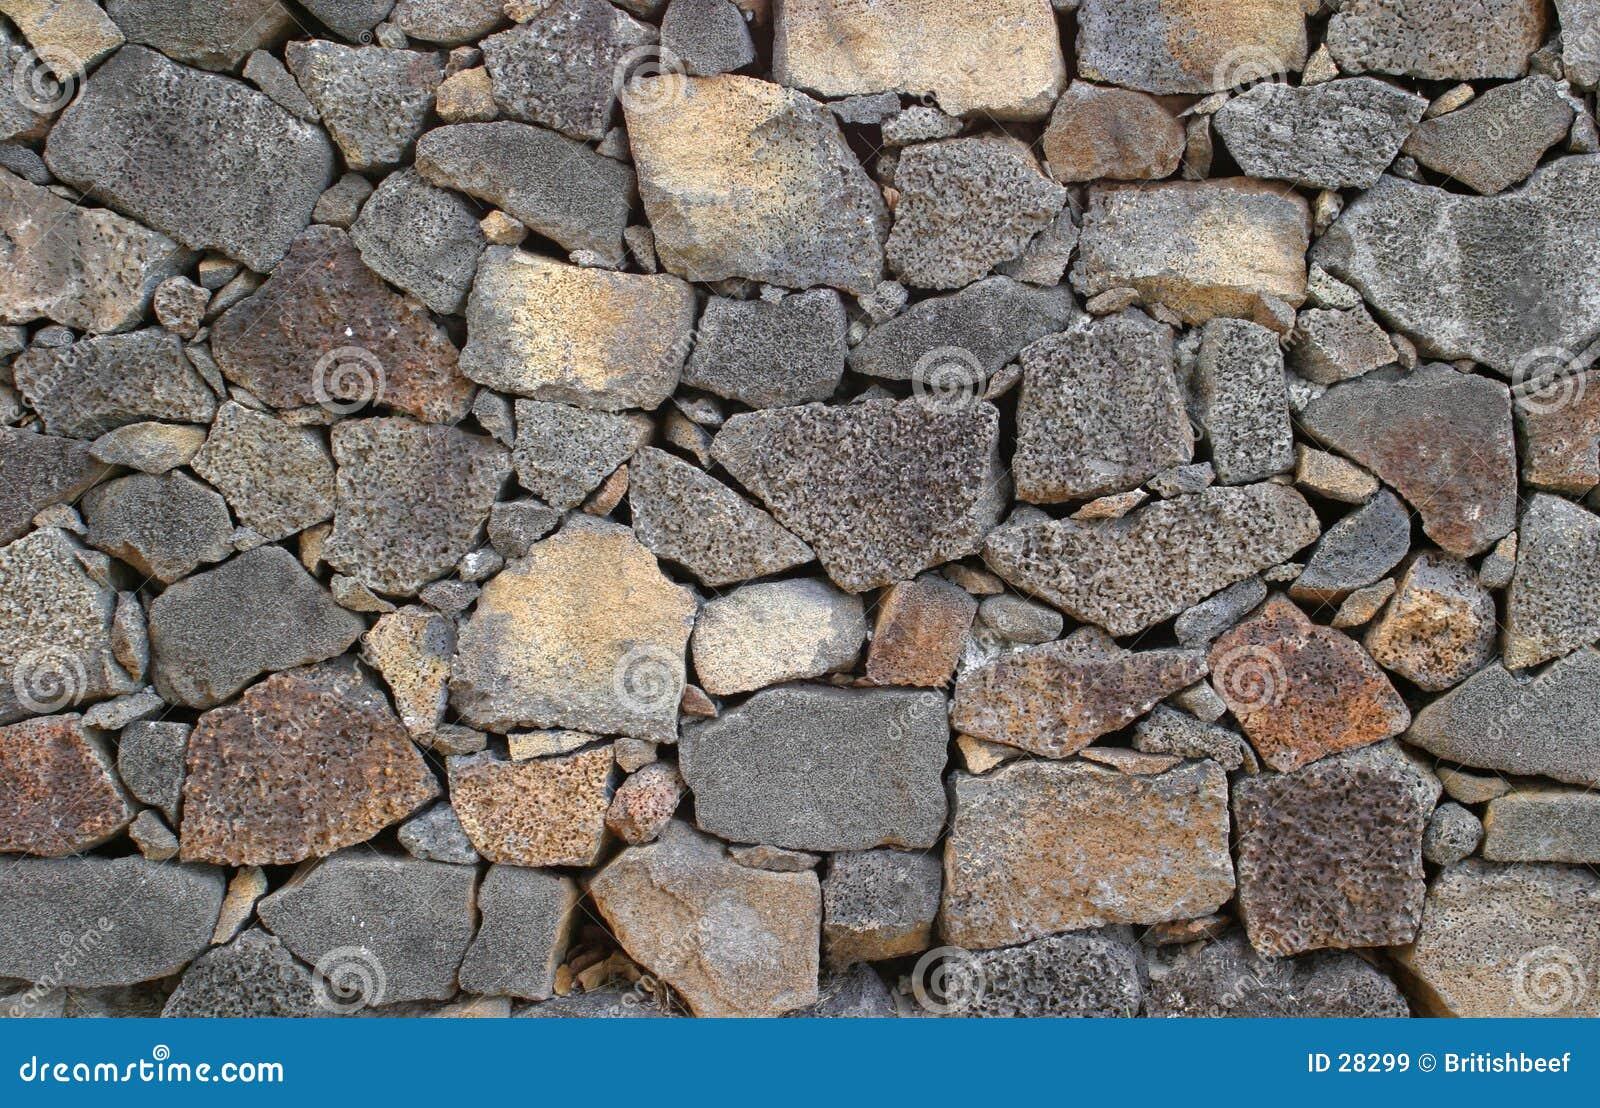 Parete della roccia vulcanica